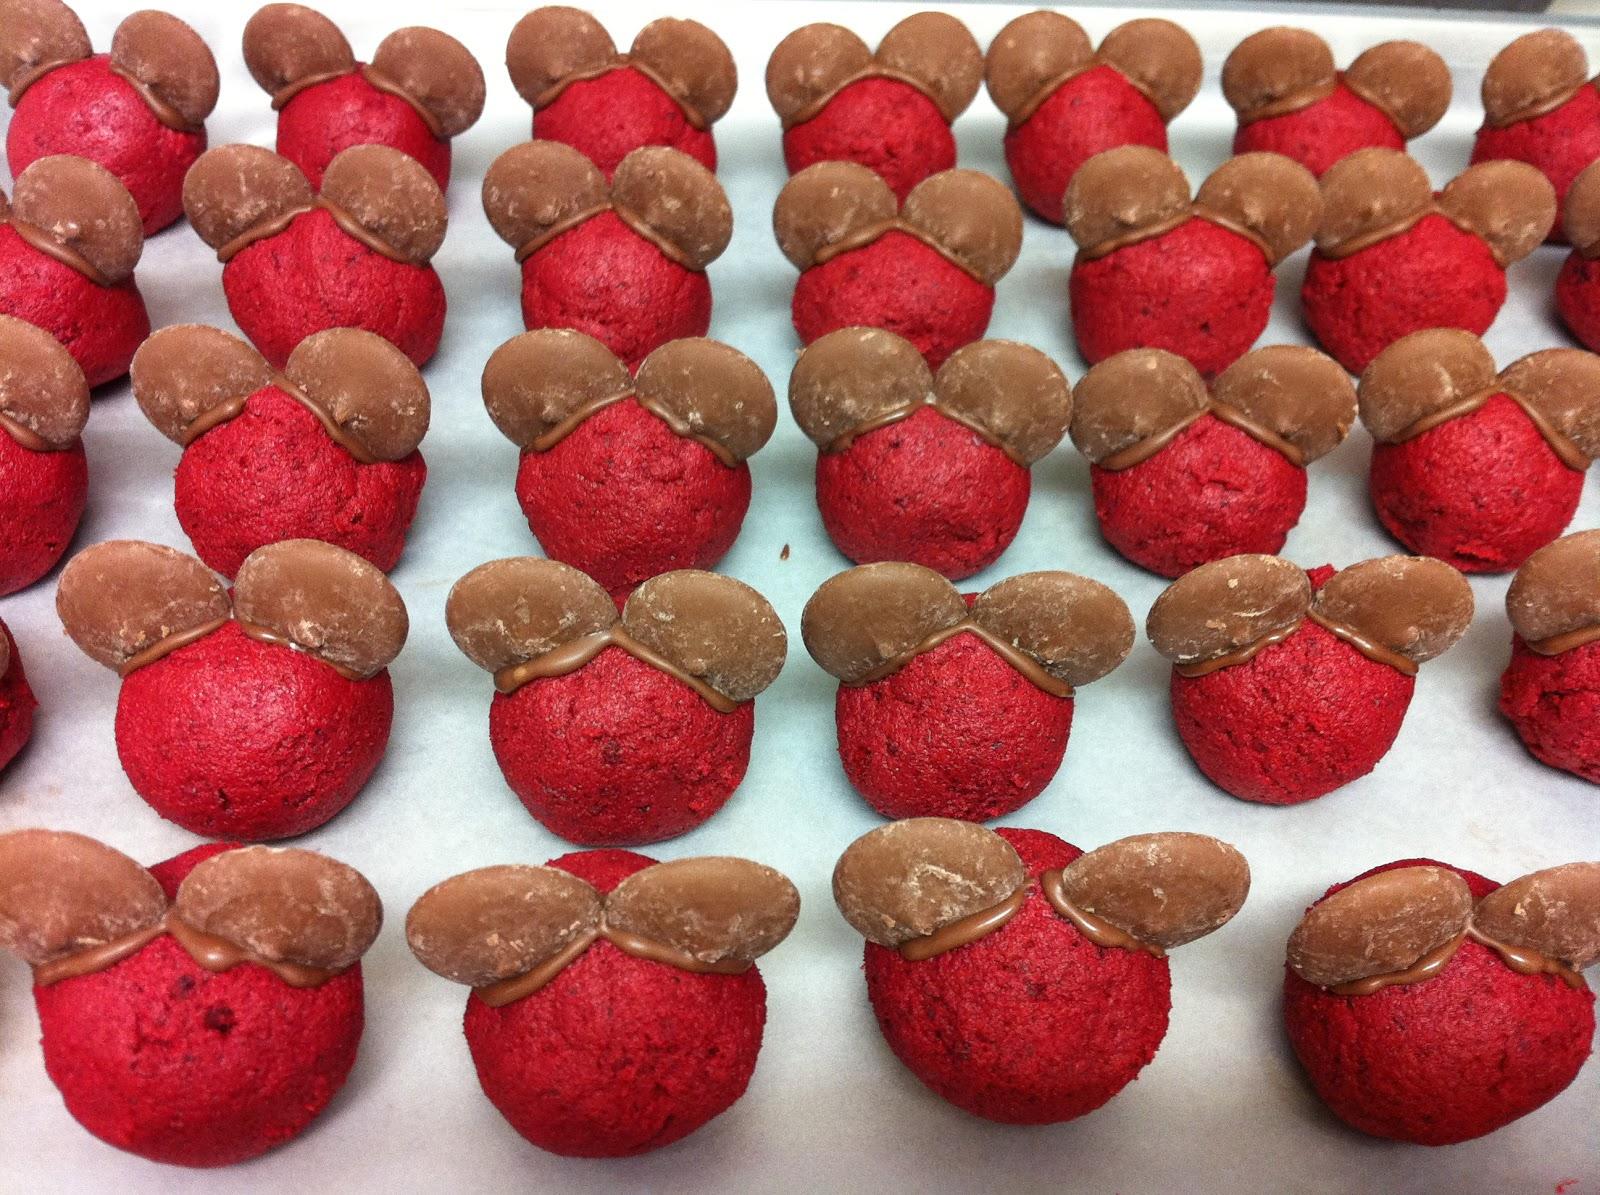 Red Velvet Cake Balls From Scratch